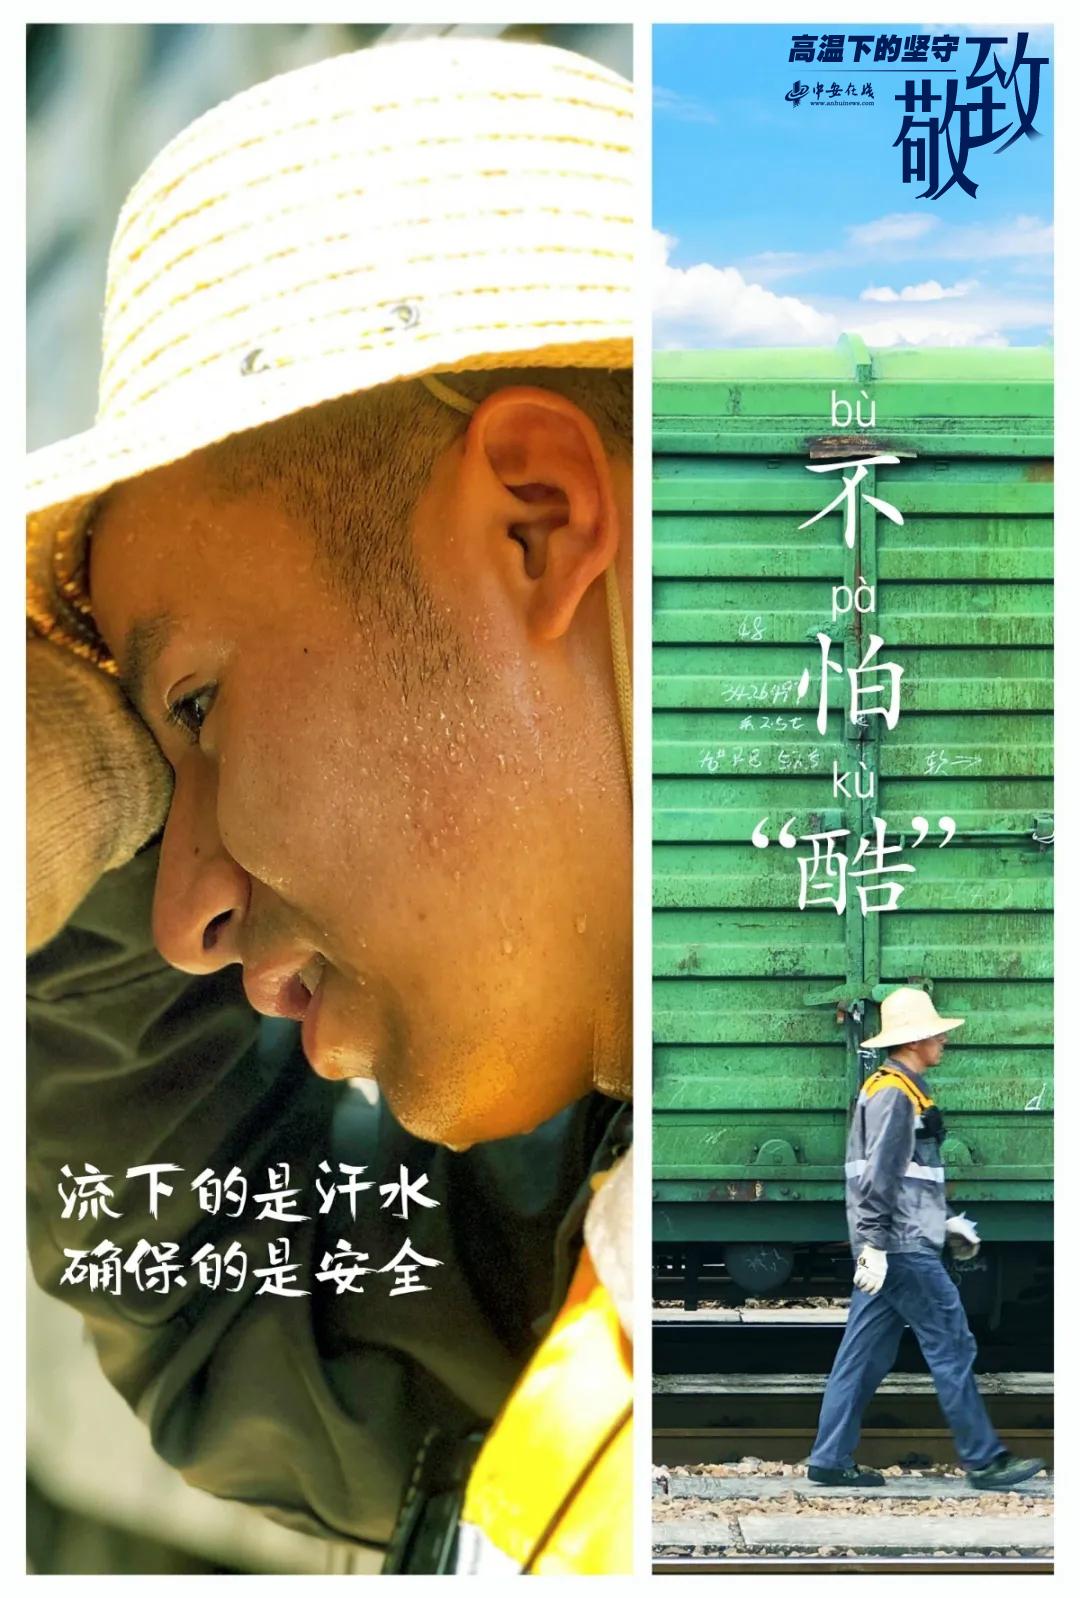 致敬 (3).jpg